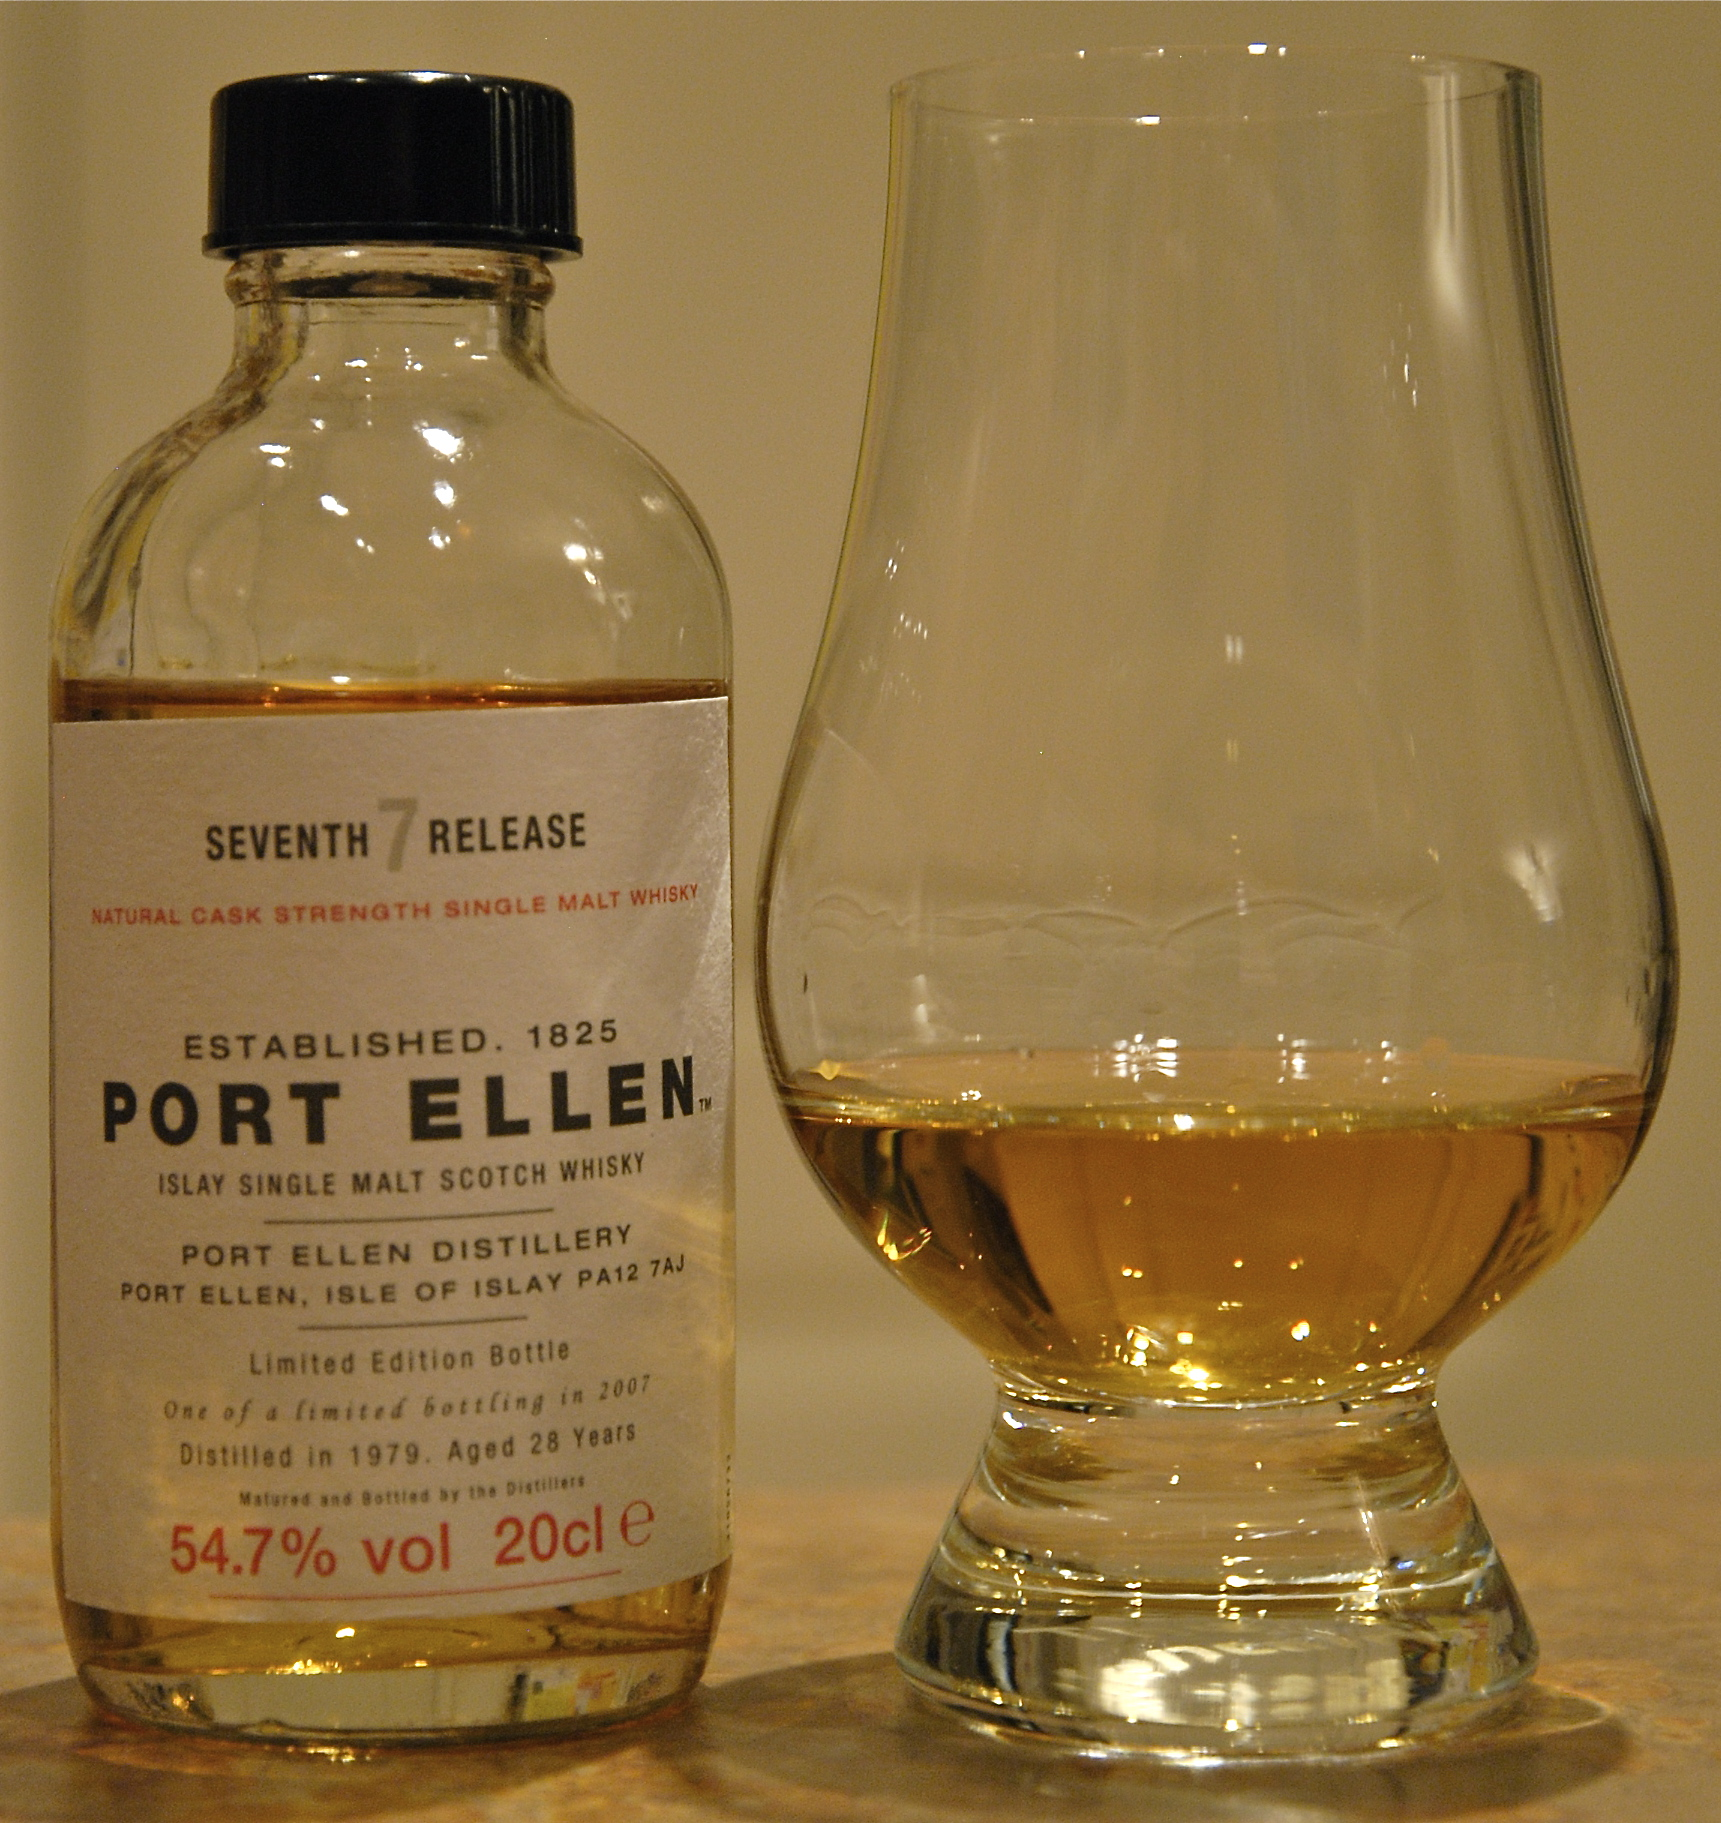 Port Ellen 7th (28 year) in sample bottle